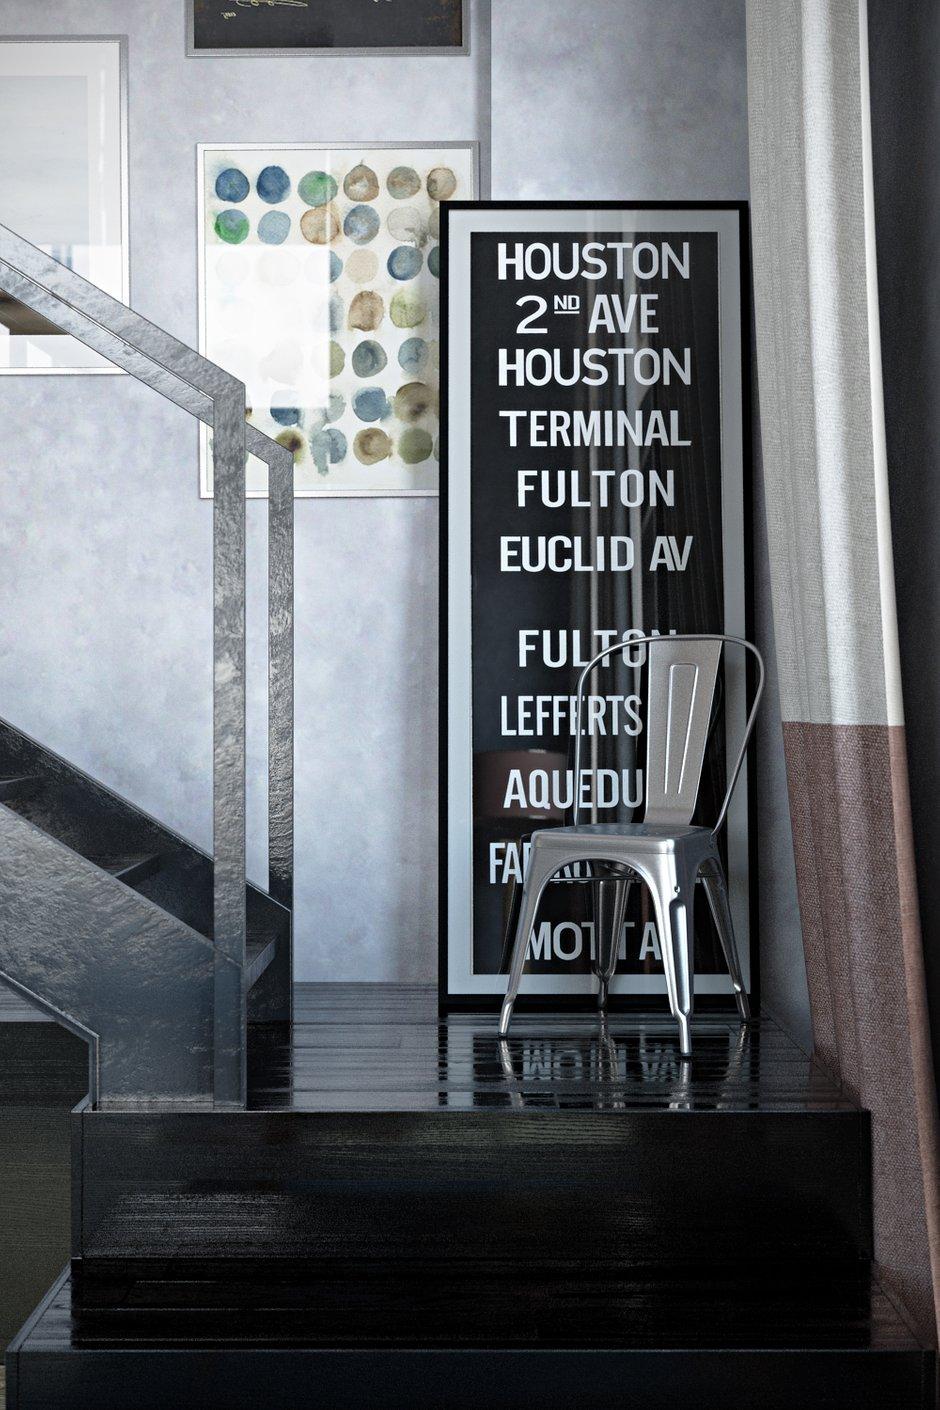 Фотография:  в стиле , Лофт, Квартира, Eichholtz, Flos, Lola Glamour, Restoration Hardware, Белый, Проект недели, Черный, Москва, Бежевый, Синий, Серый, Коричневый, Belvedere, Curations Limited, спальня в стиле лофт, идеи перепланировки, бетонные стены, Tolix, как оубстроить гардеробную, двухэтажная студия, планировка двухэтажной студии, лофт в спальне, планировка гардеробной, Диана Мальцева, спальня с гардеробом, Devon&Devon, лофт в интерьере кухни, гардеробная в квартире, как оформить интерьер в стиле лофт, декор в лофте, отделка в лофте, цветовое оформление в лофте, бетон на кухне, Hatria, Samuel Heath, Equipe Ceramicas, Александра Веселаго, Emerald, Marrakech Design, Naxos Ceramica, Minacciolo, Edfan Classic, Паркет Холл, Carl Hansen & Son, Bleunature, Emmemobili, LeКоvёr, Art-Kamen – фото на INMYROOM